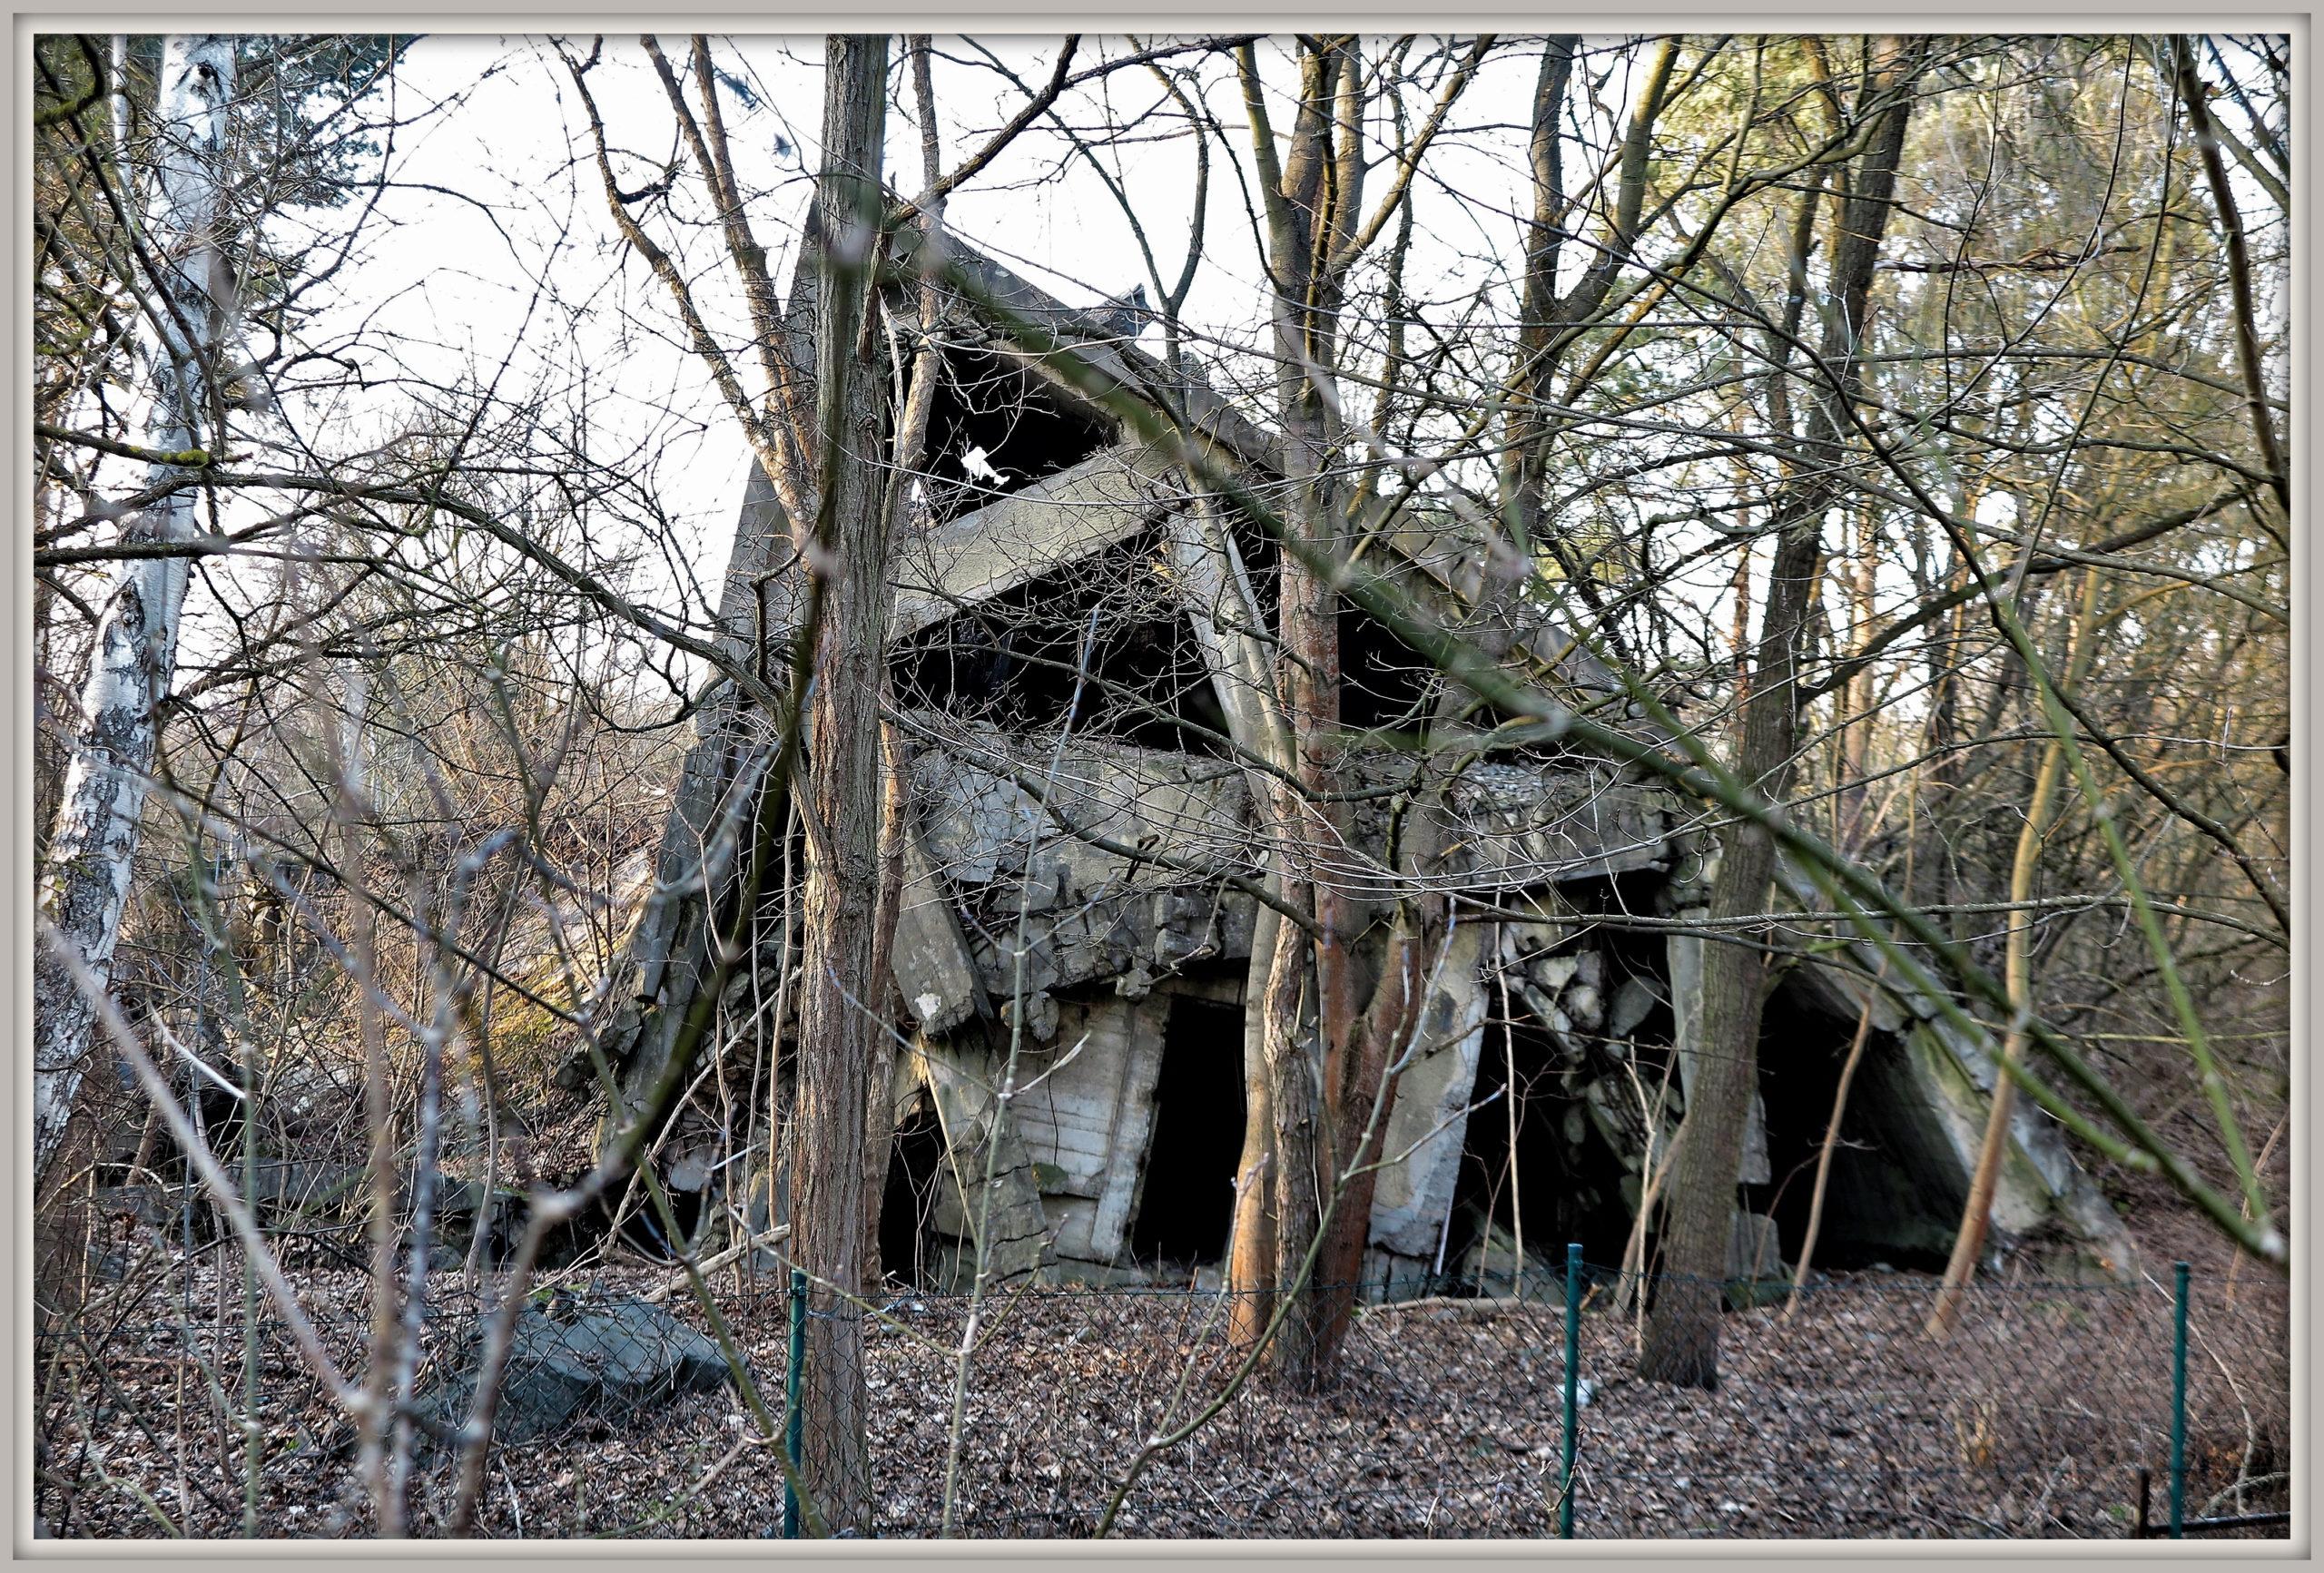 בונקר הרוס באזור וונדורף